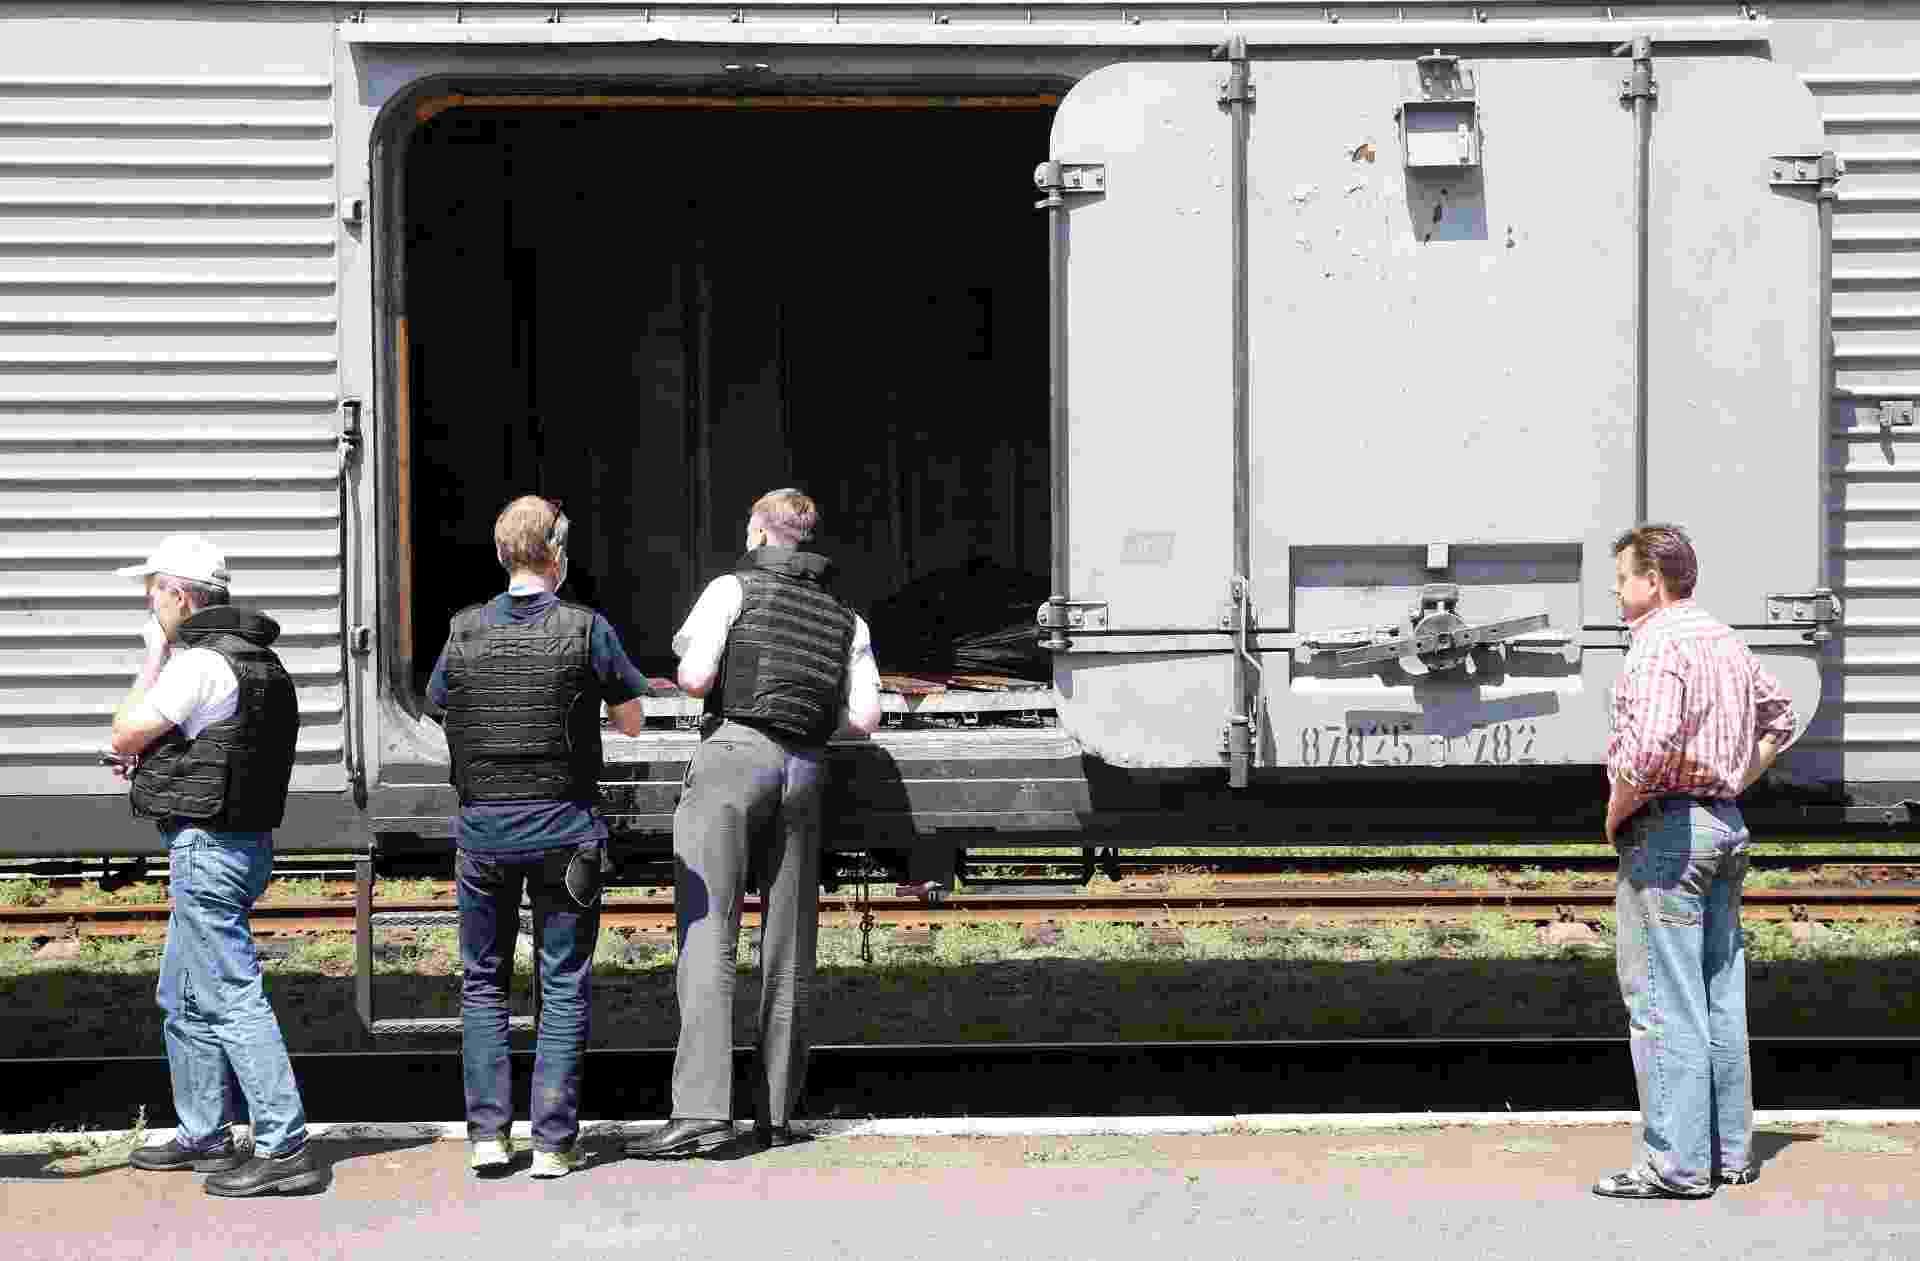 20.jul.2014 - Monitores da OSCE (Organização para Segurança e Cooperação na Europa) inspecionam um vagão refrigerado que, de acordo com moradores locais, contém corpos de vítimas do voo MH17, que caiu na fronteira leste da Ucrânia na última quinta-feira (17) matando 298 pessoas. Ainda não se sabe para onde os corpos estão sendo transferidos - Maxim Zmeyev/Reuters